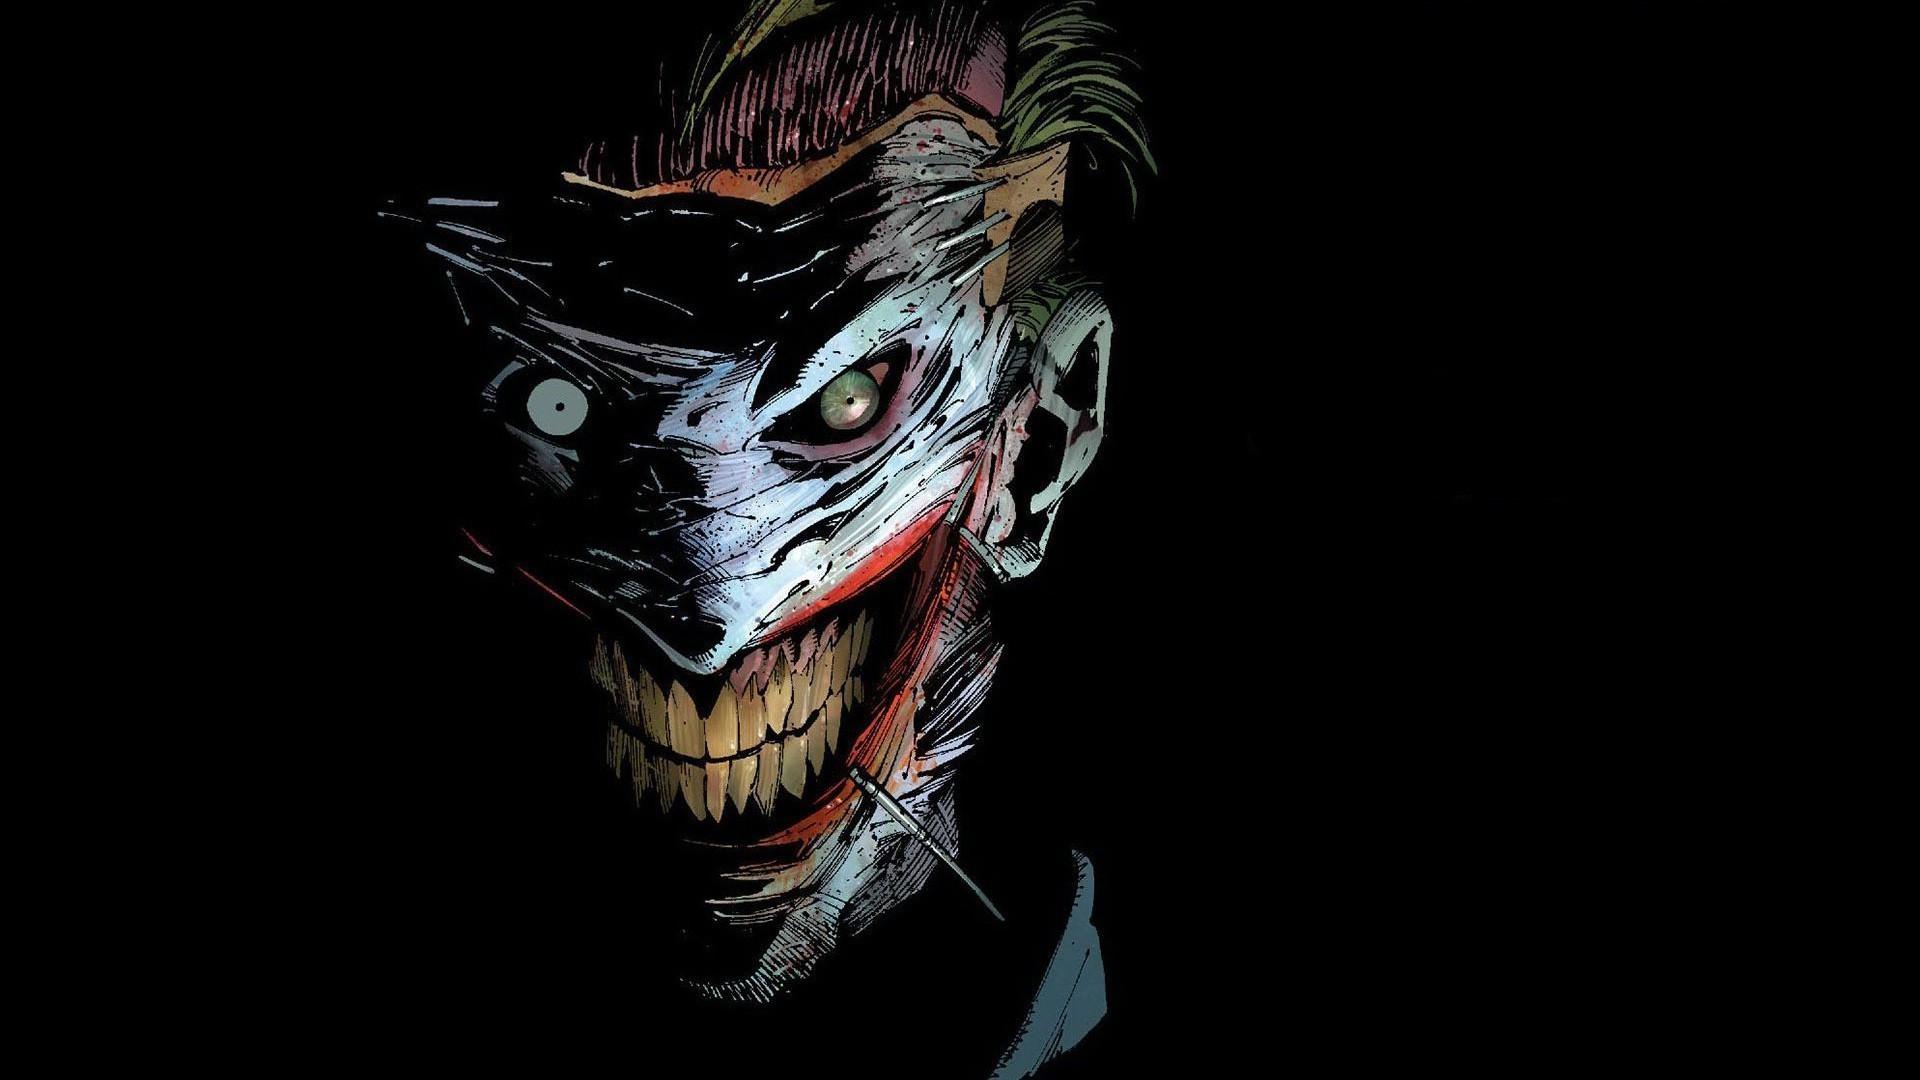 The Joker Desktop Background 82 Pictures